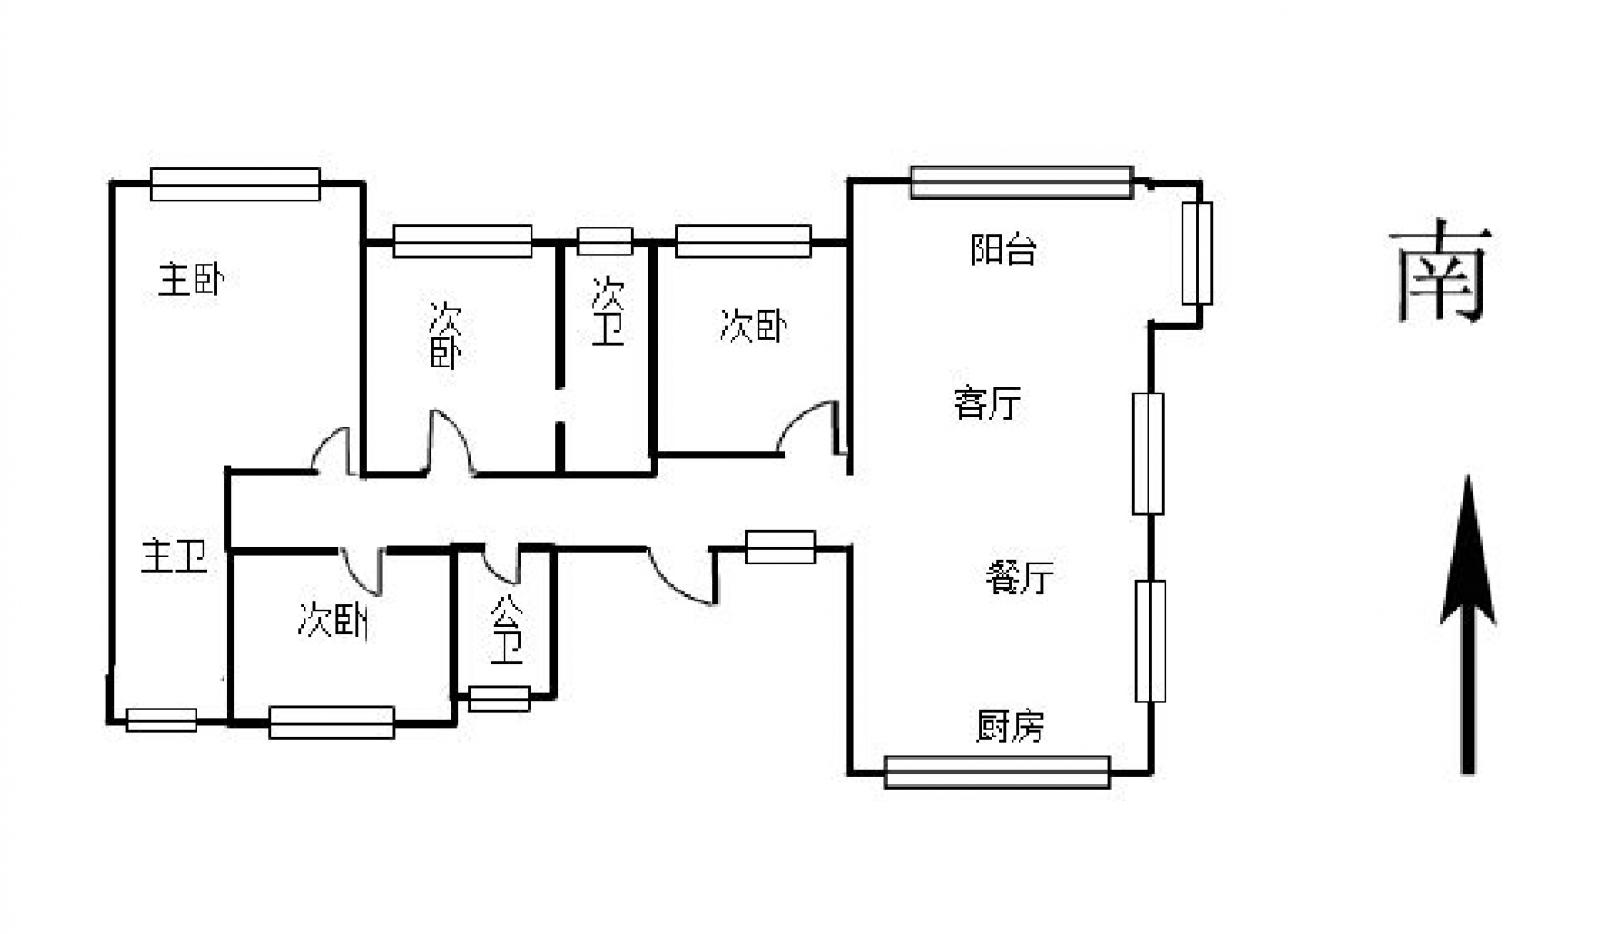 中奥广场 5室2厅216㎡